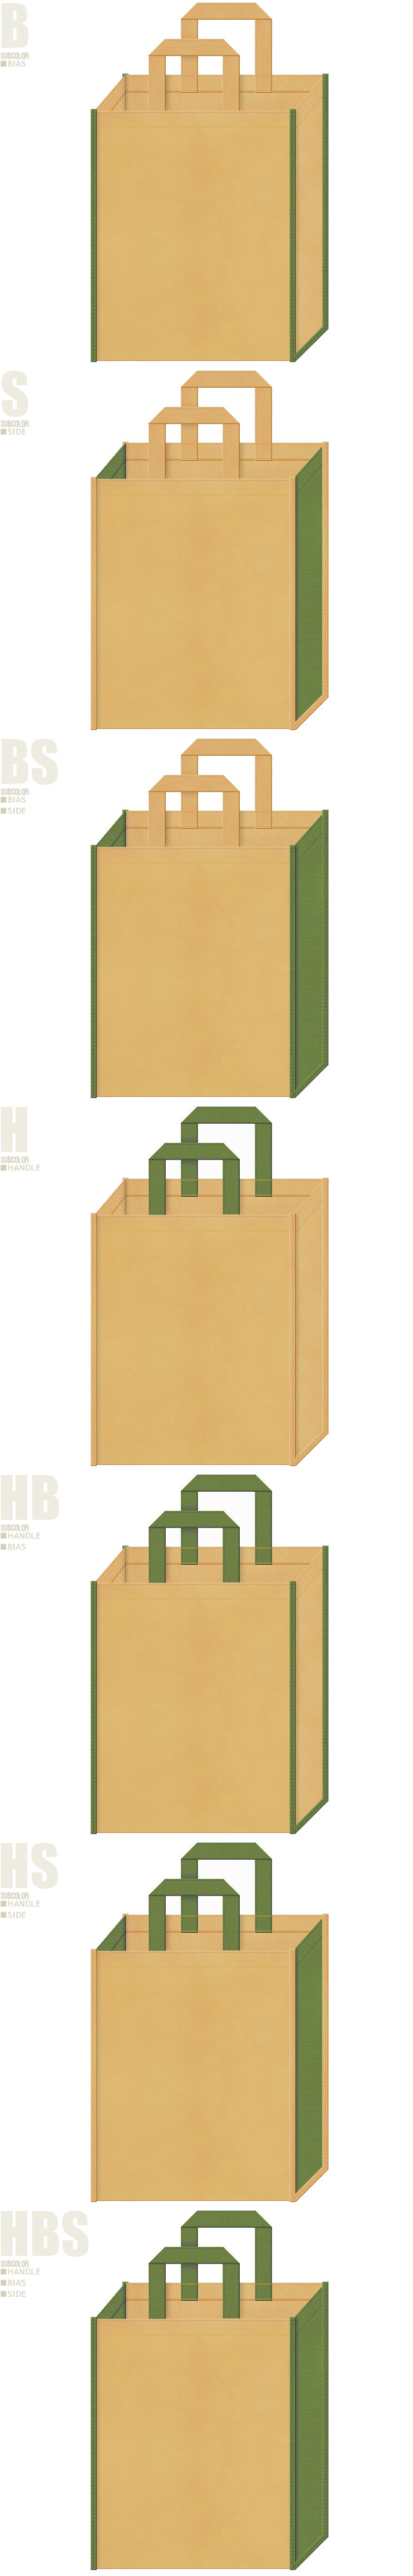 薄黄土色と草色、7パターンの不織布トートバッグ配色デザイン例。旅館・檜風呂のバッグノベルティ、民芸品のショッピングバッグにお奨めです。